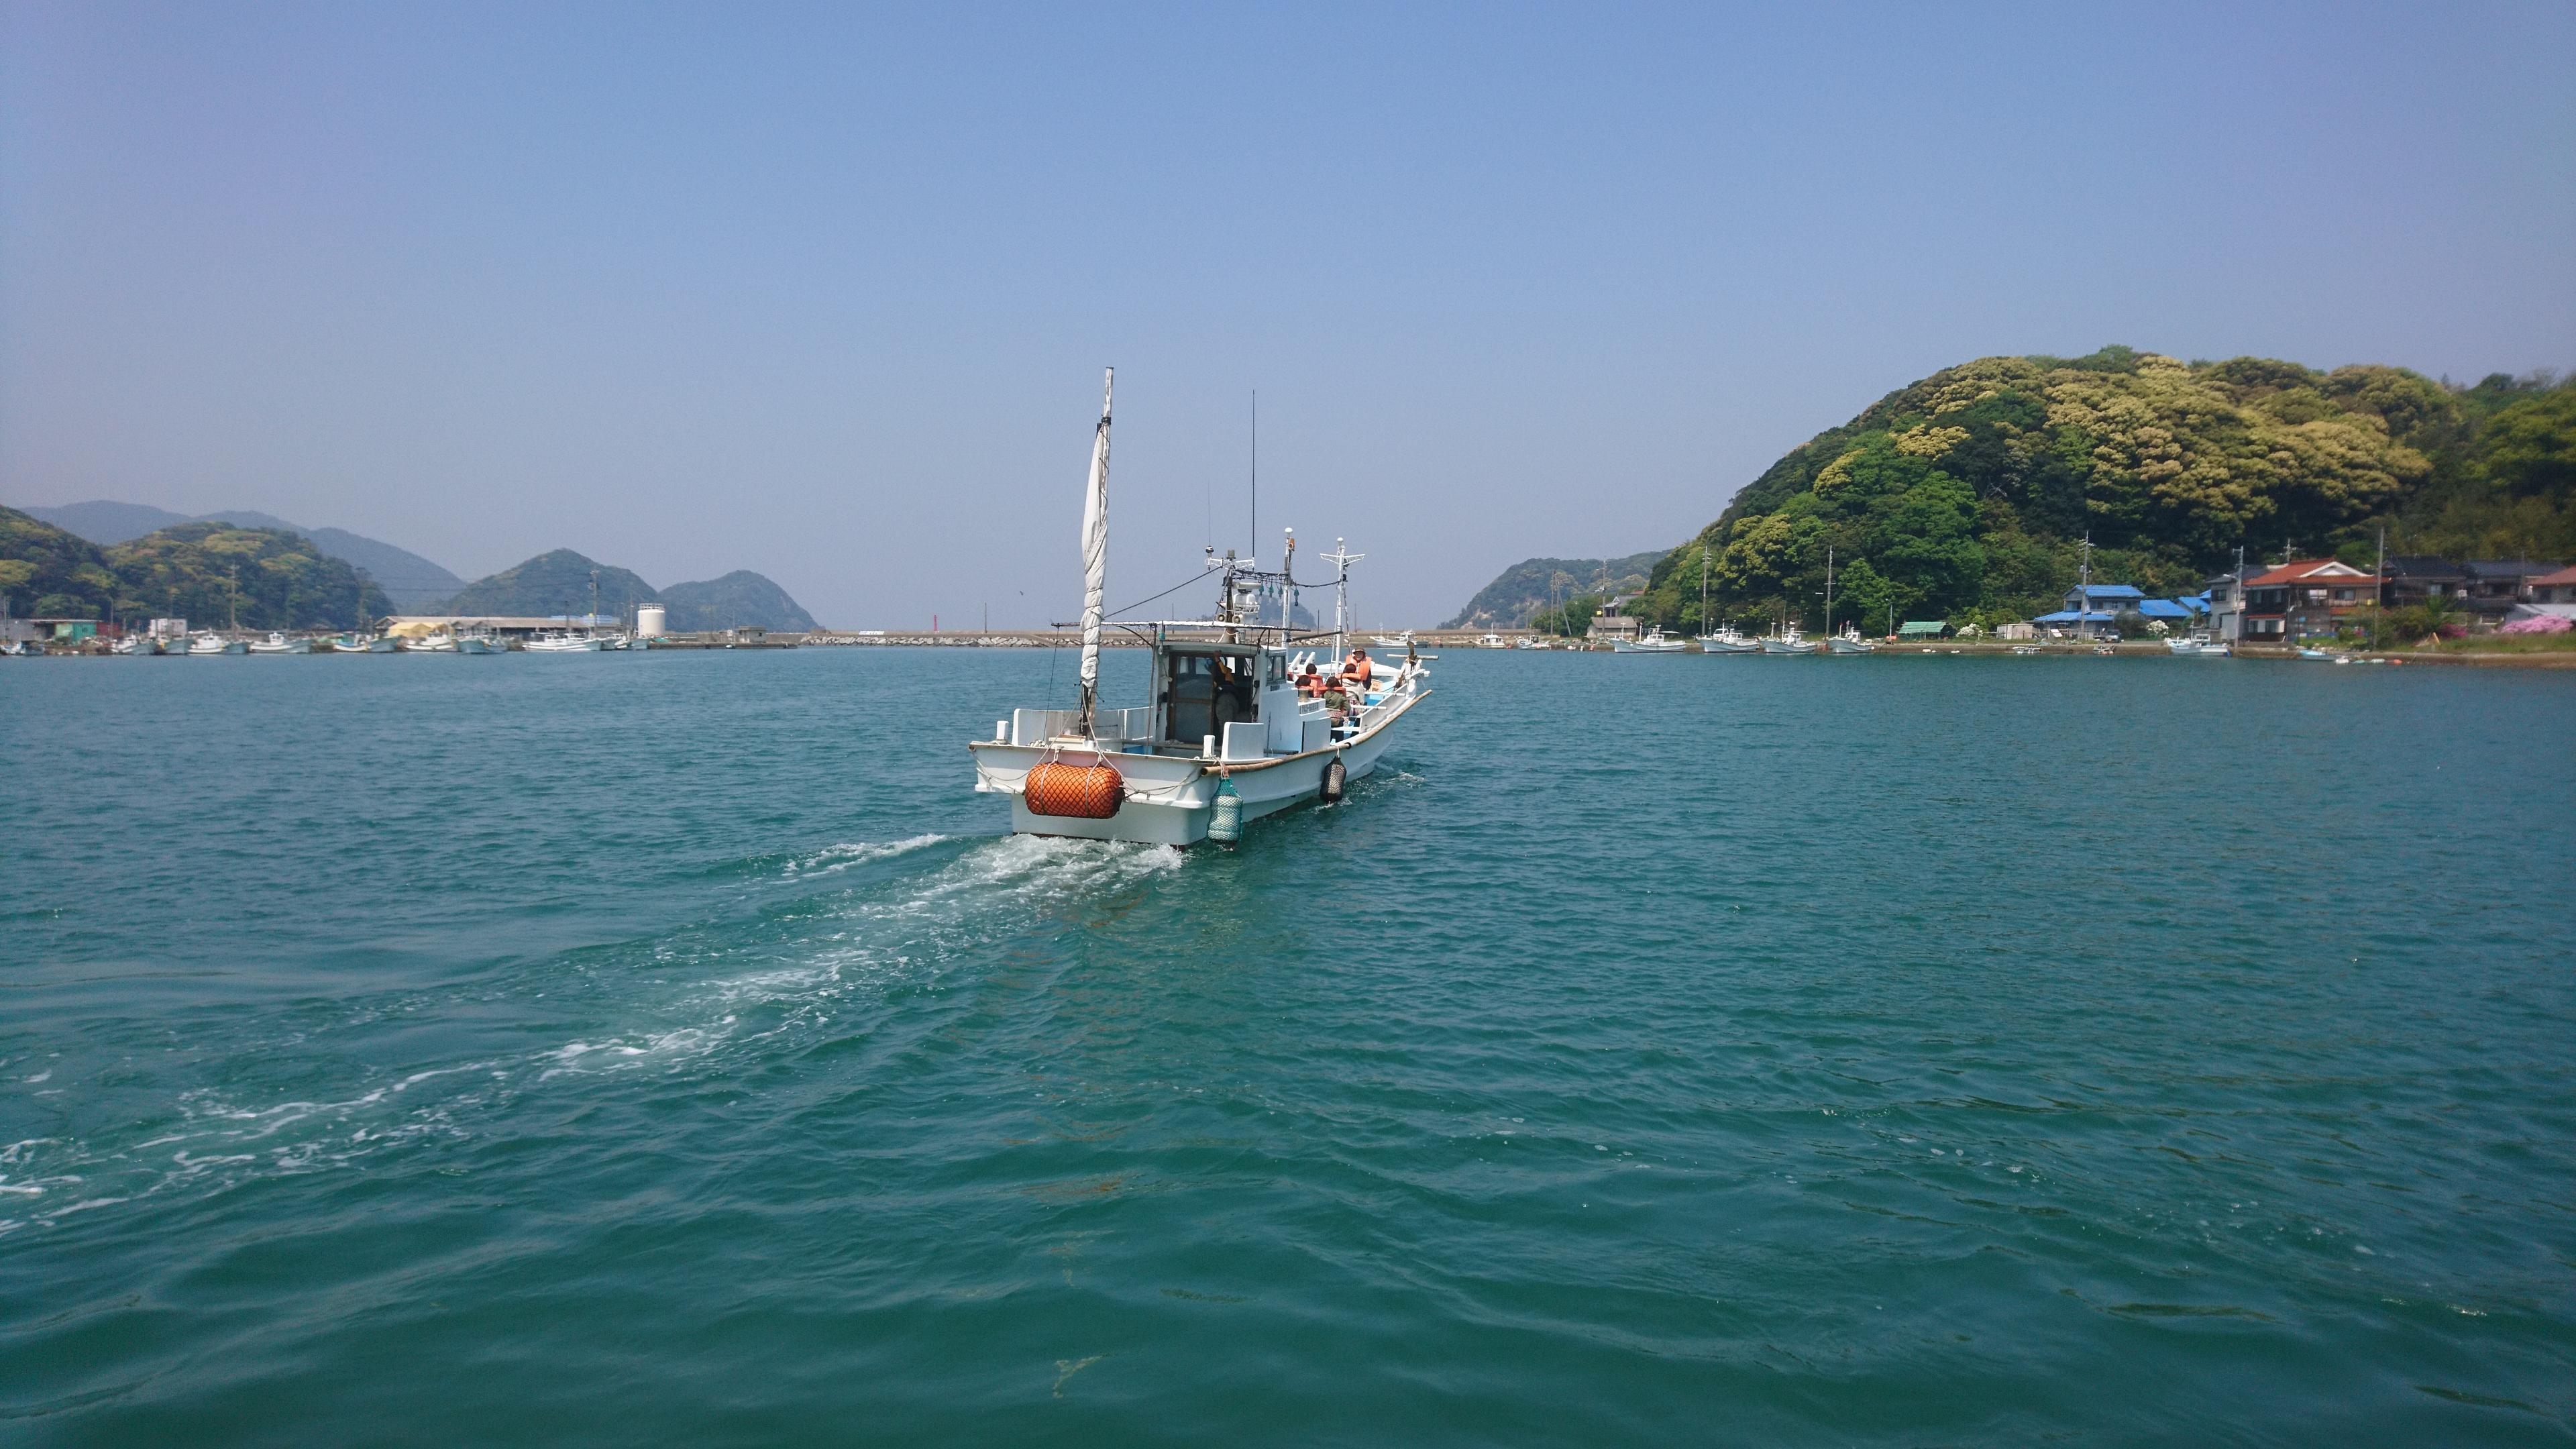 明日(4/29)GW遊覧船運航の開始です。